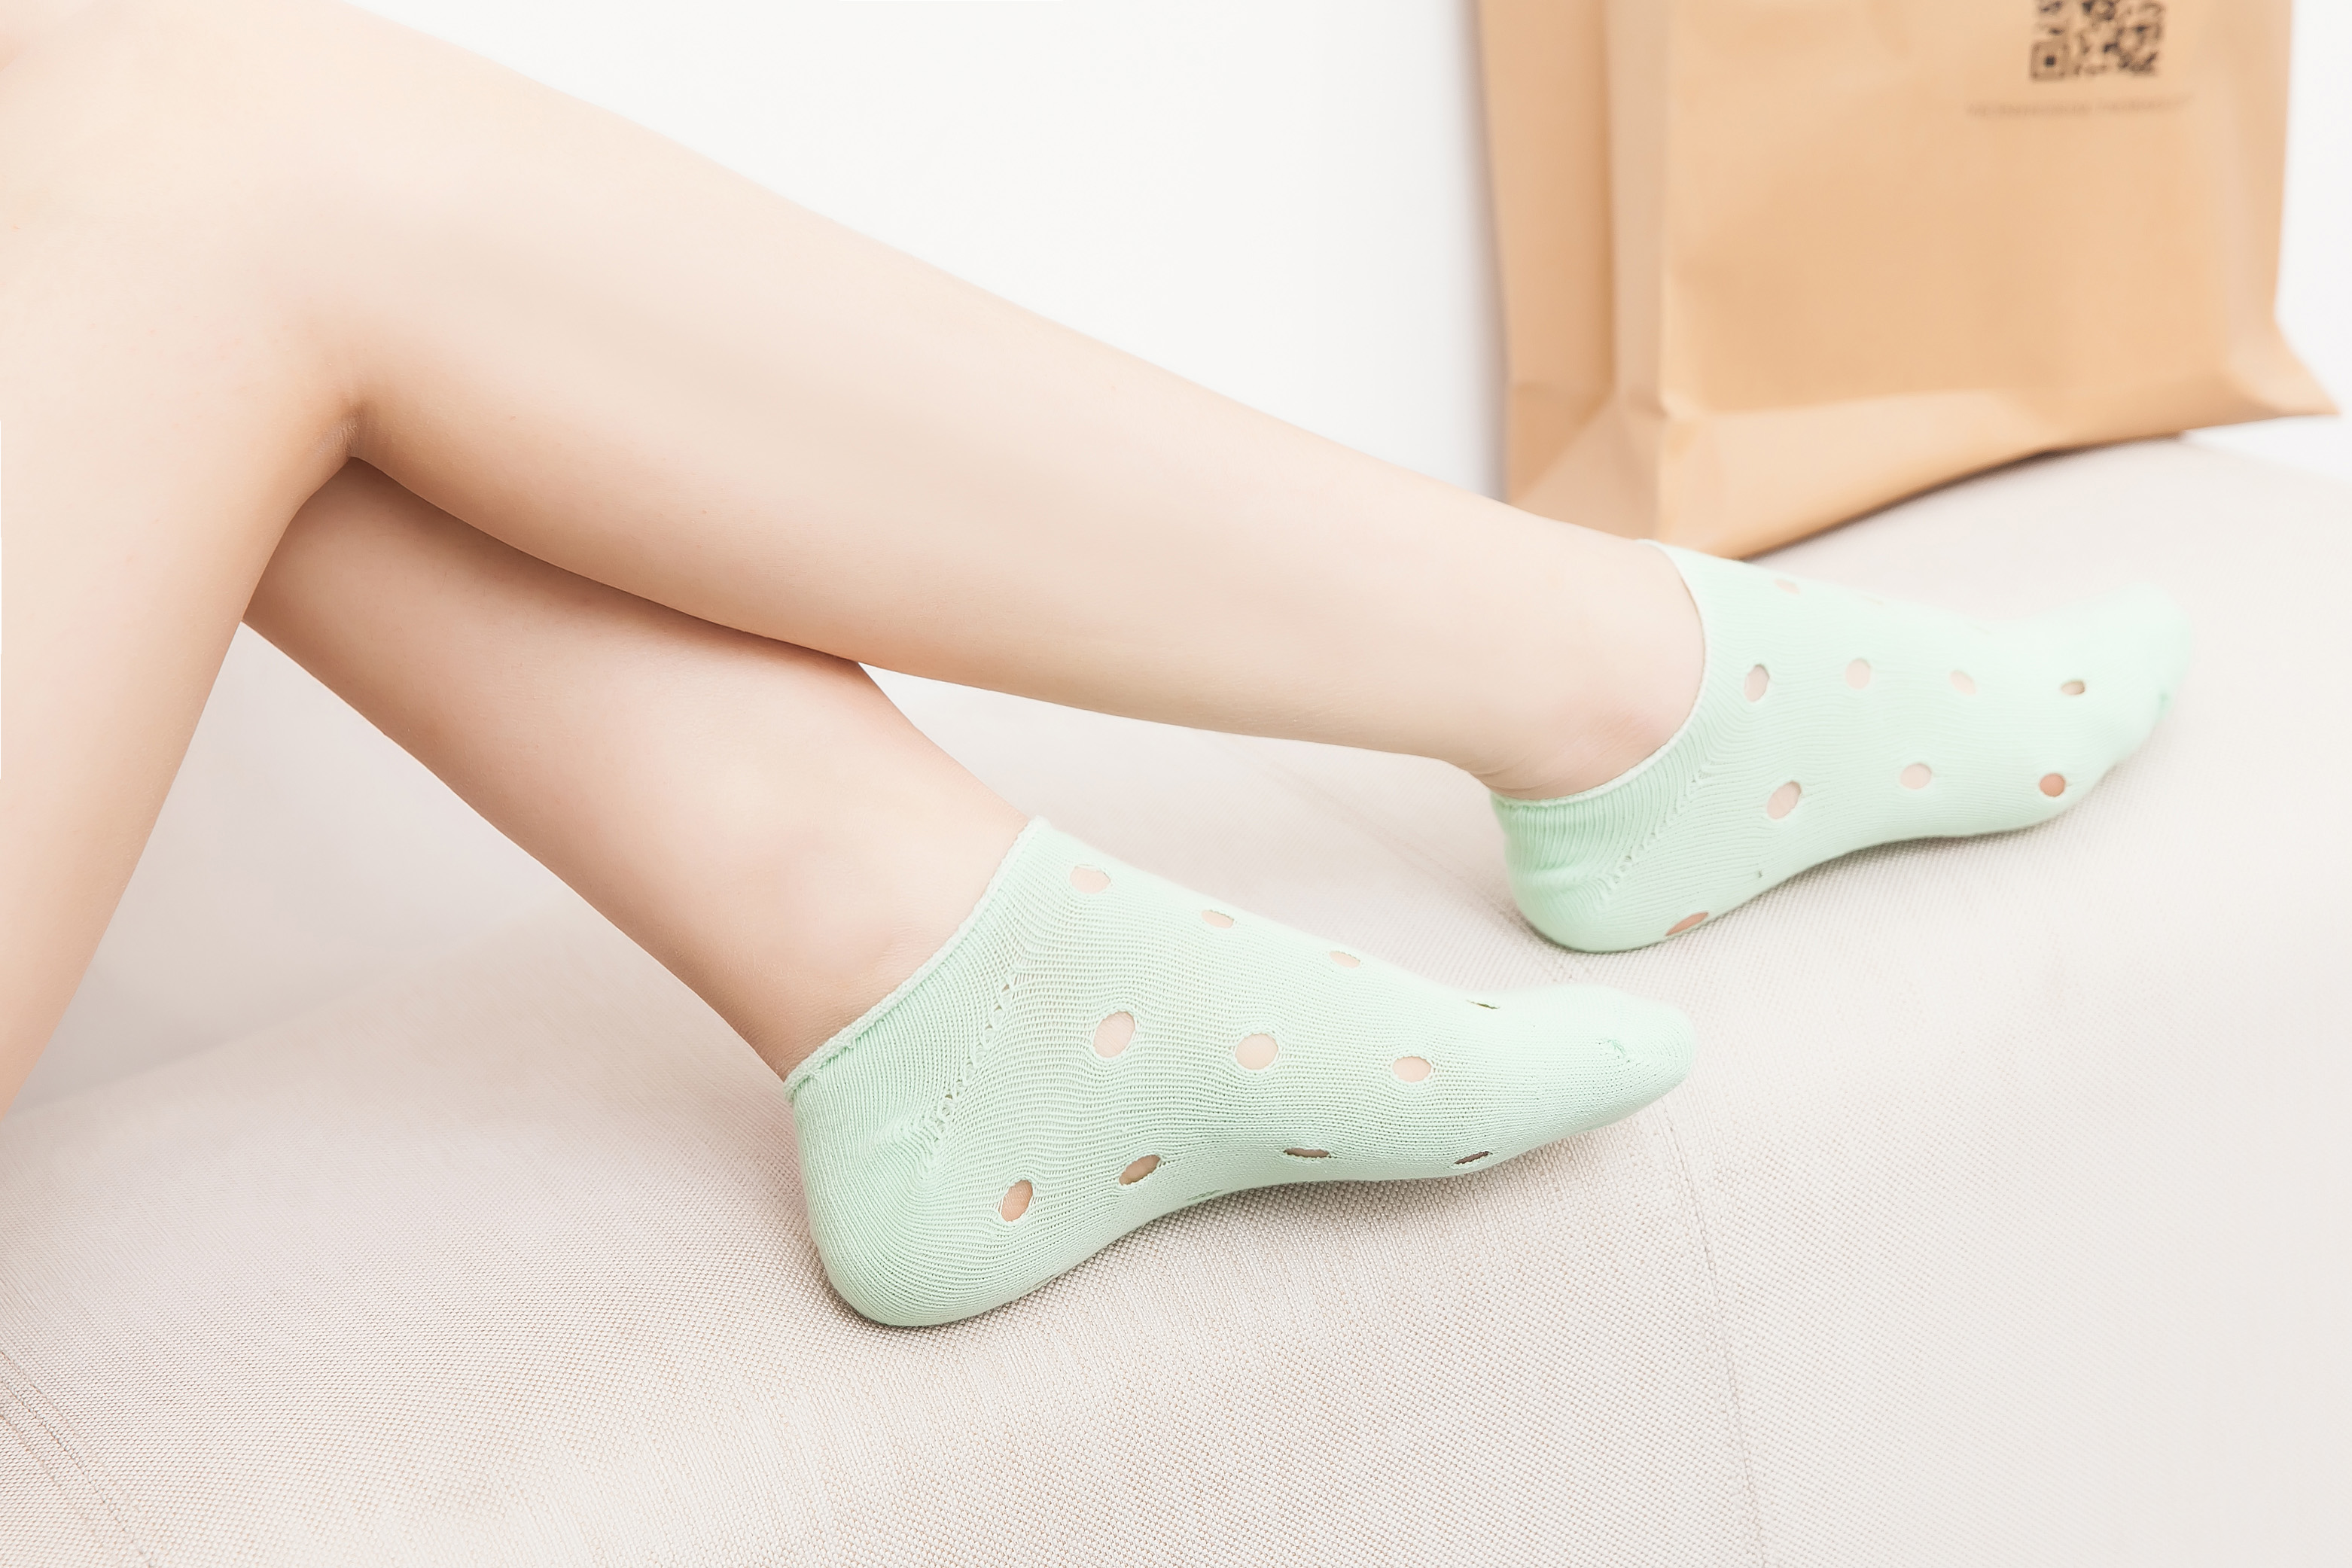 透氣吸汗防臭洞洞素色踝襪除臭襪新款隱形創意洞洞船襪 短筒船襪純棉襪子隱形 兒童男士女士裁縫平順,採手工對目的襪頭